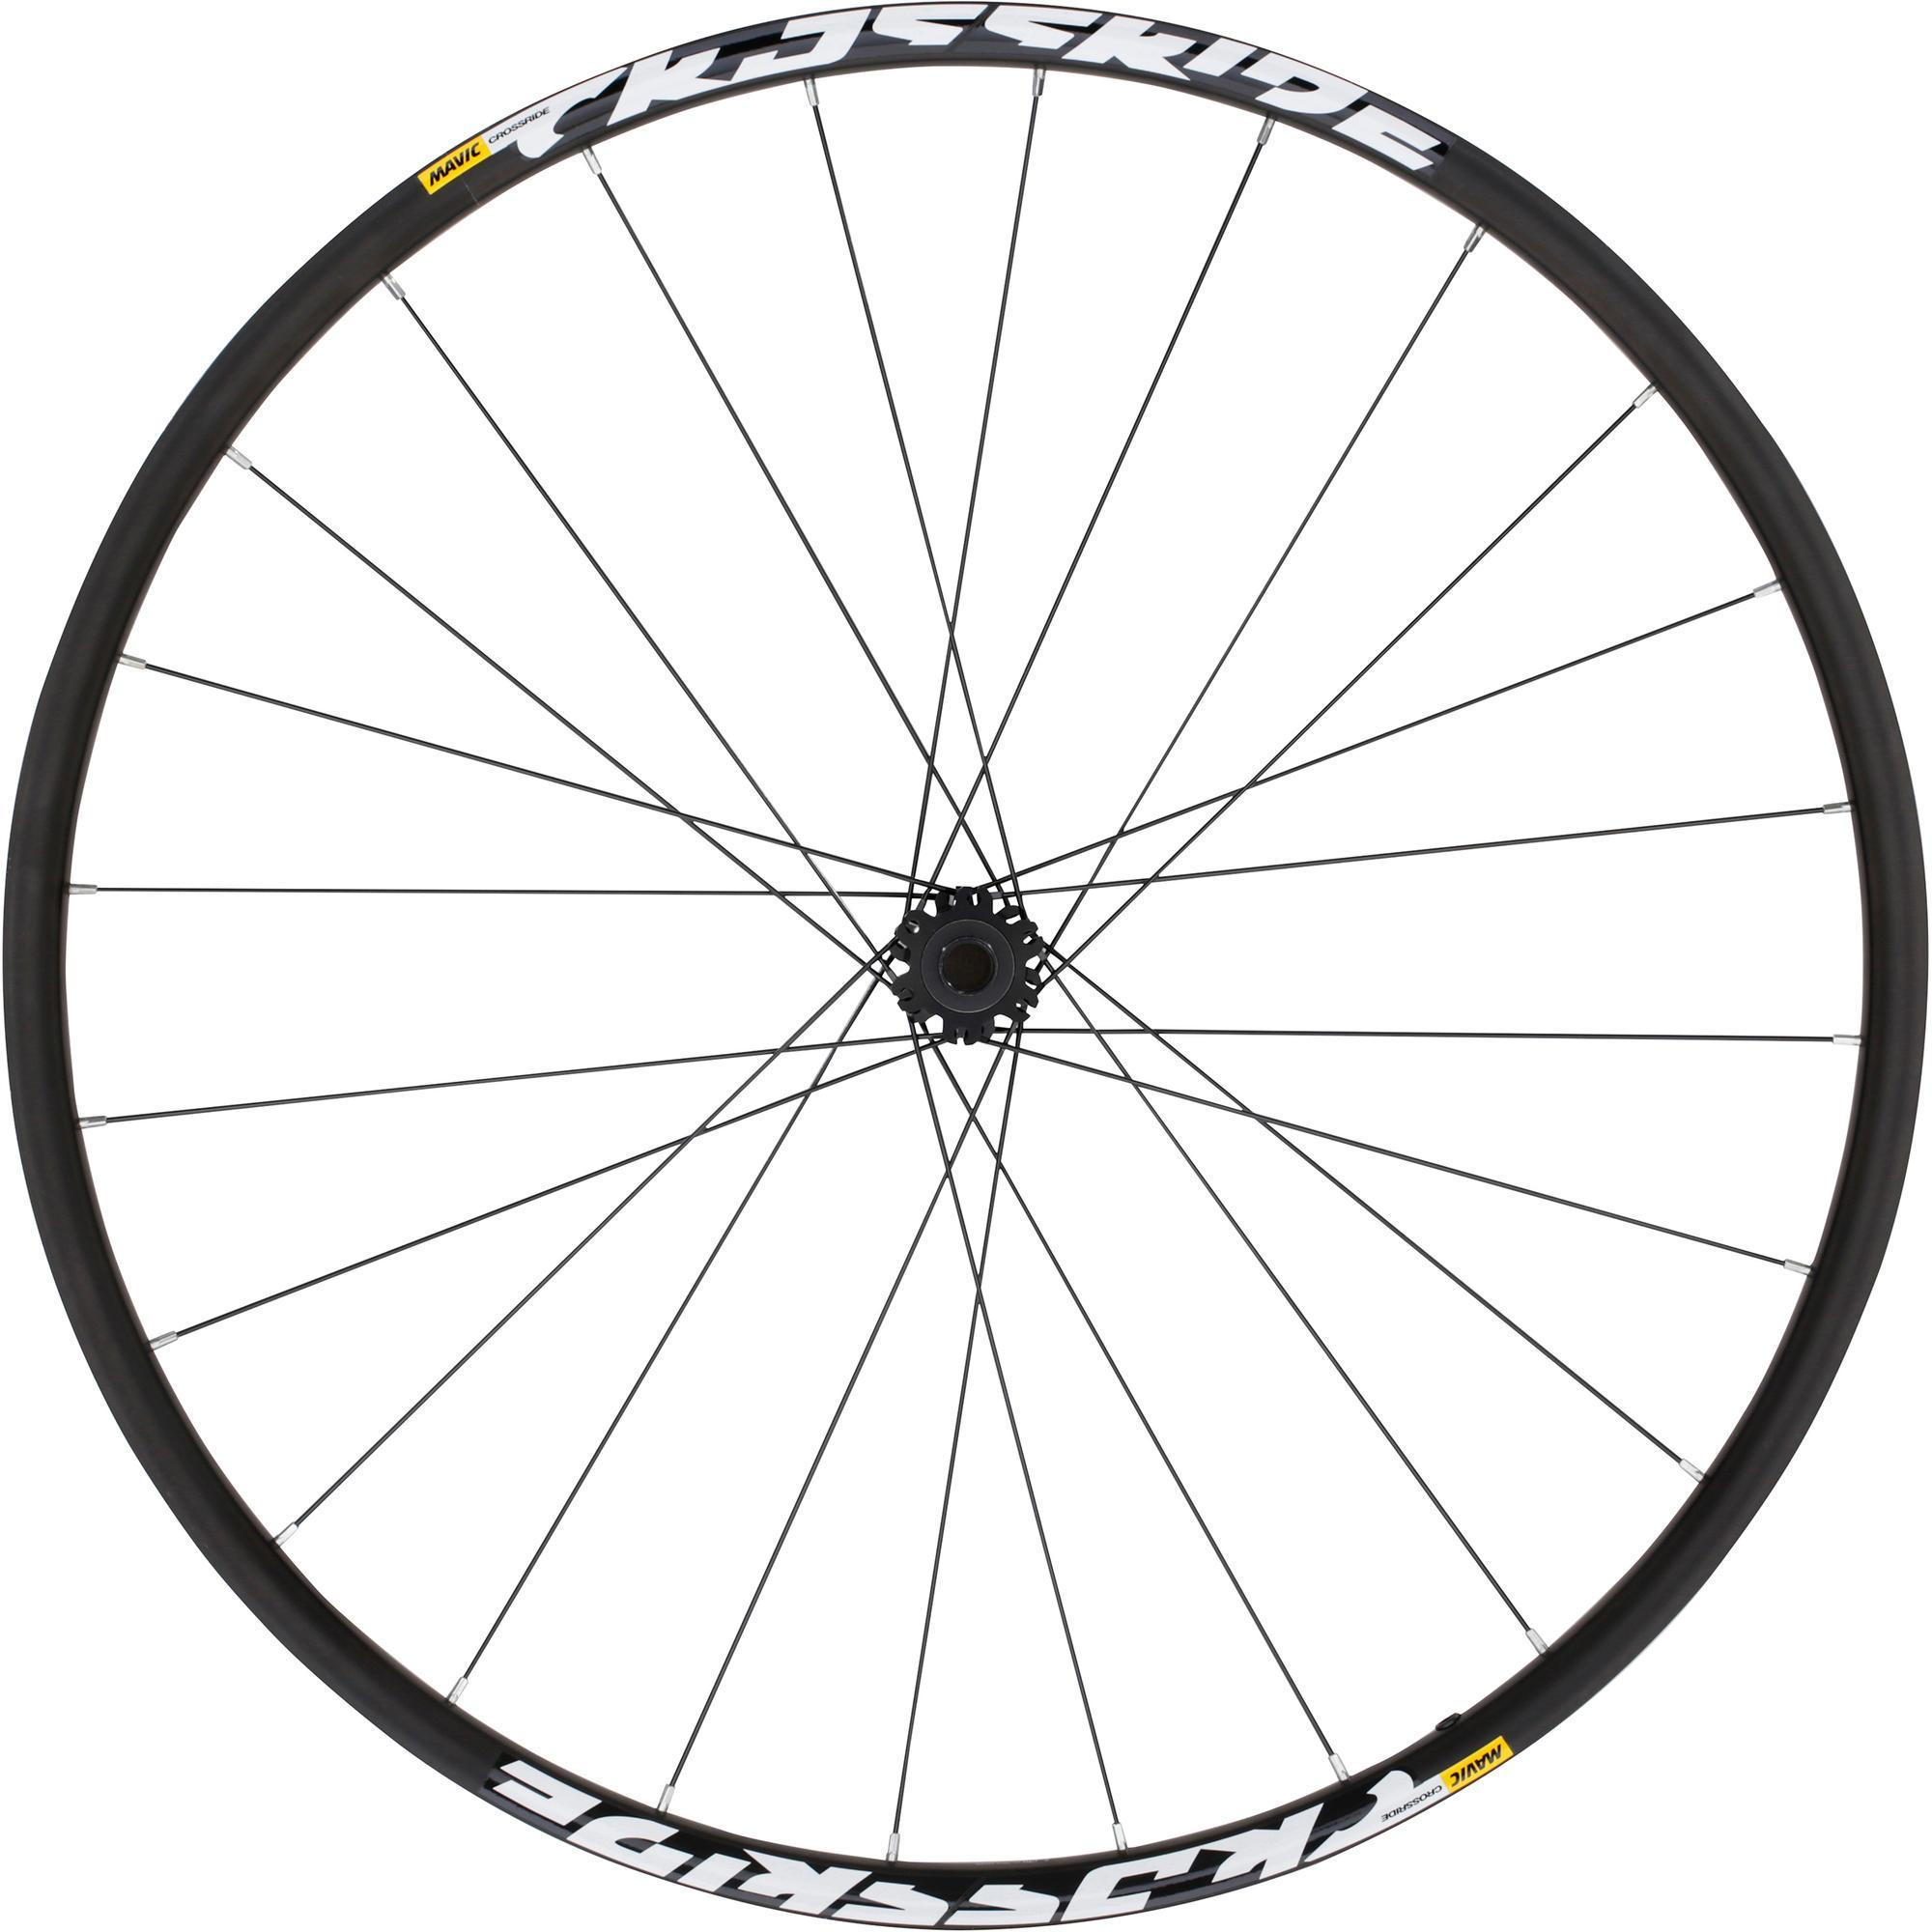 Comprar Ruedas Bicicleta y Llantas Online  2d2bb4f282d